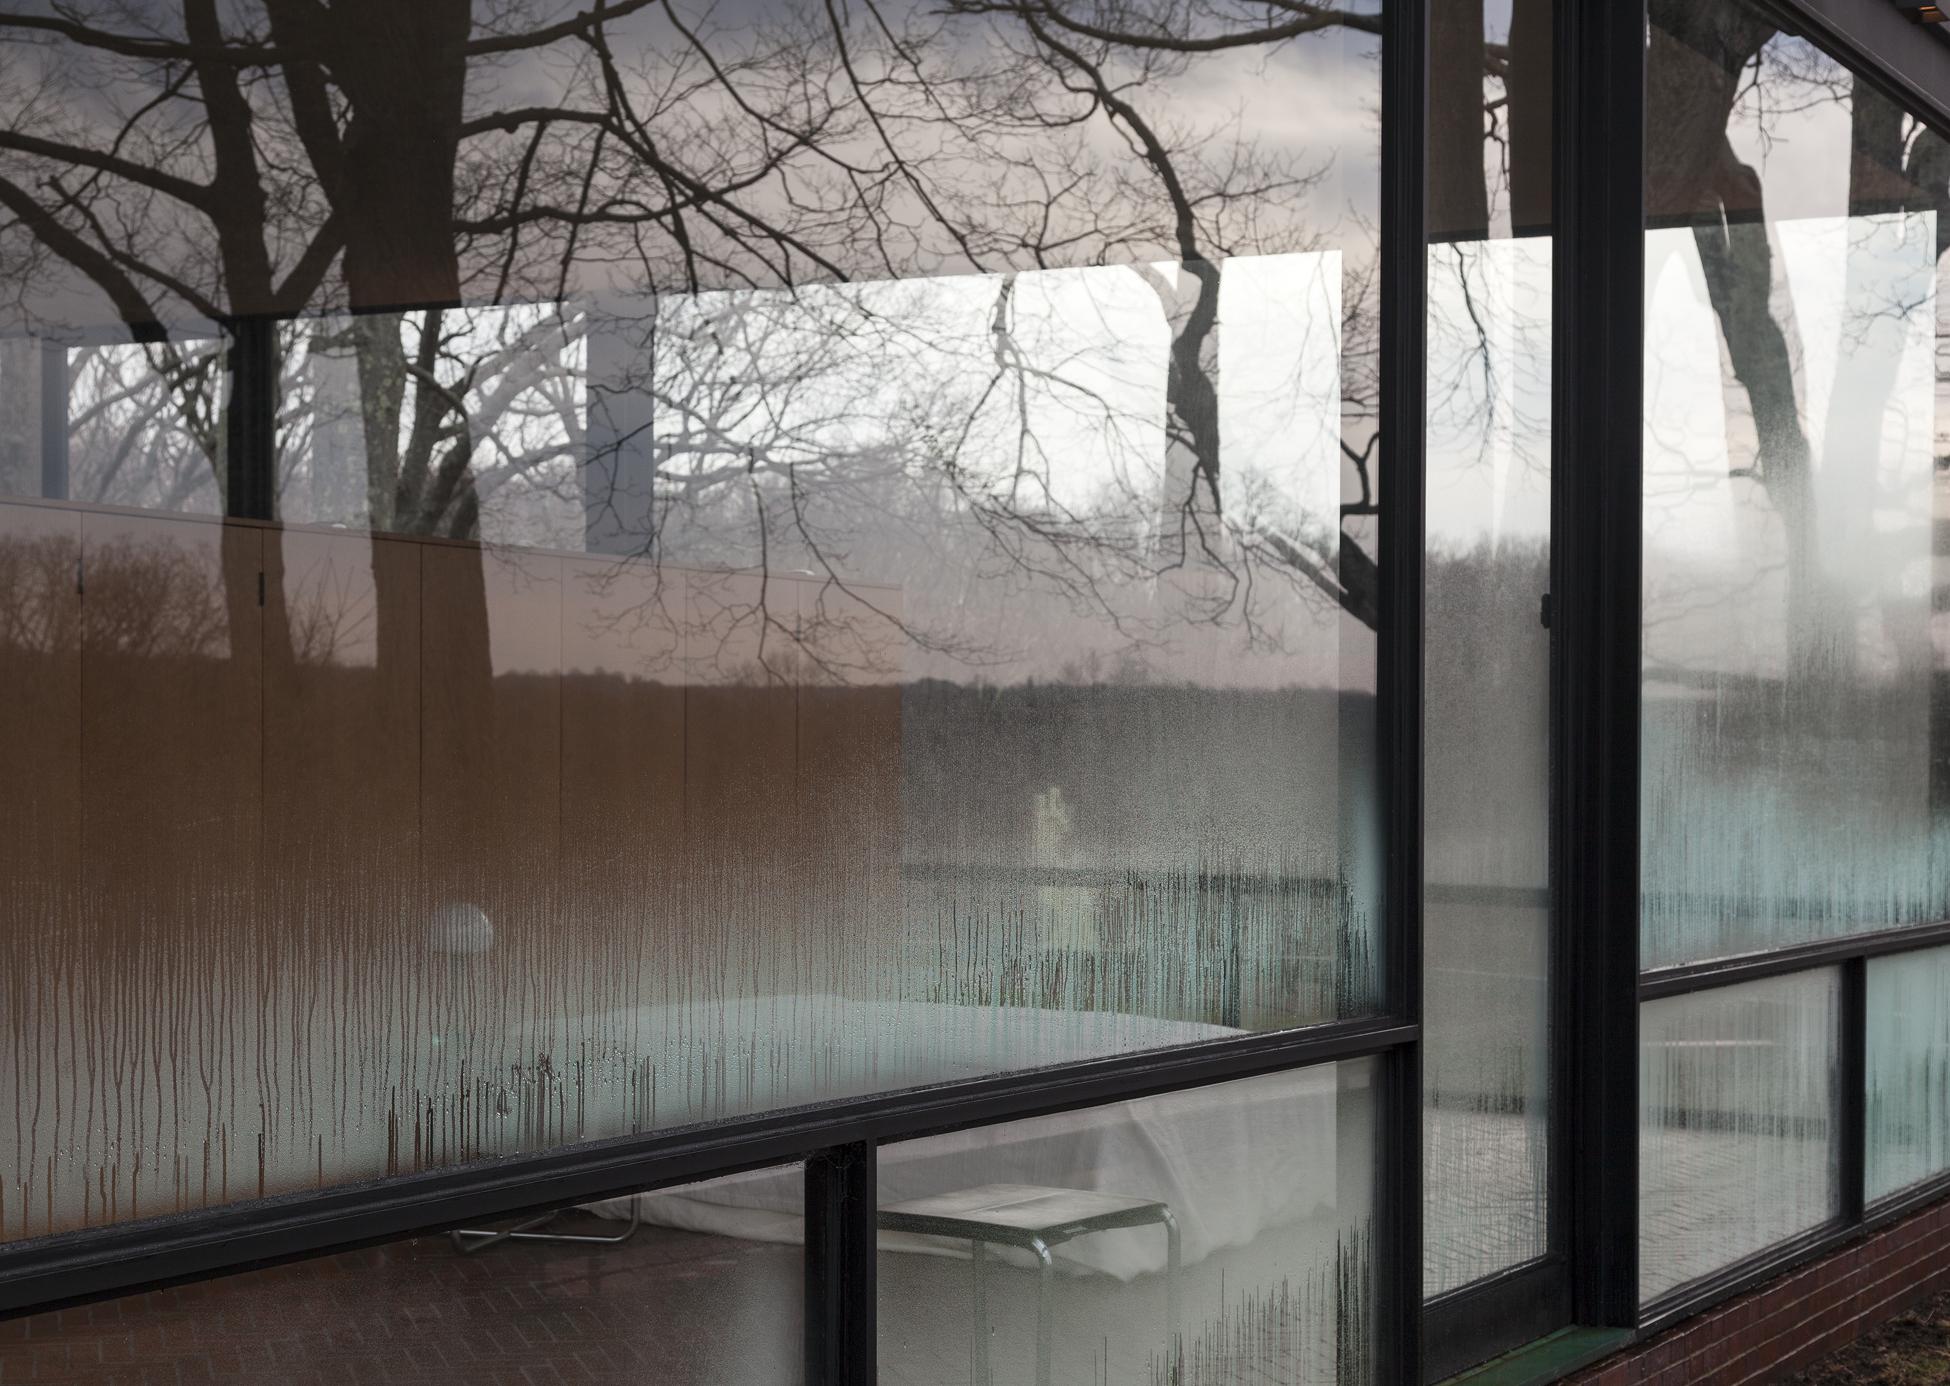 GlassHouse_Fog_042.jpg